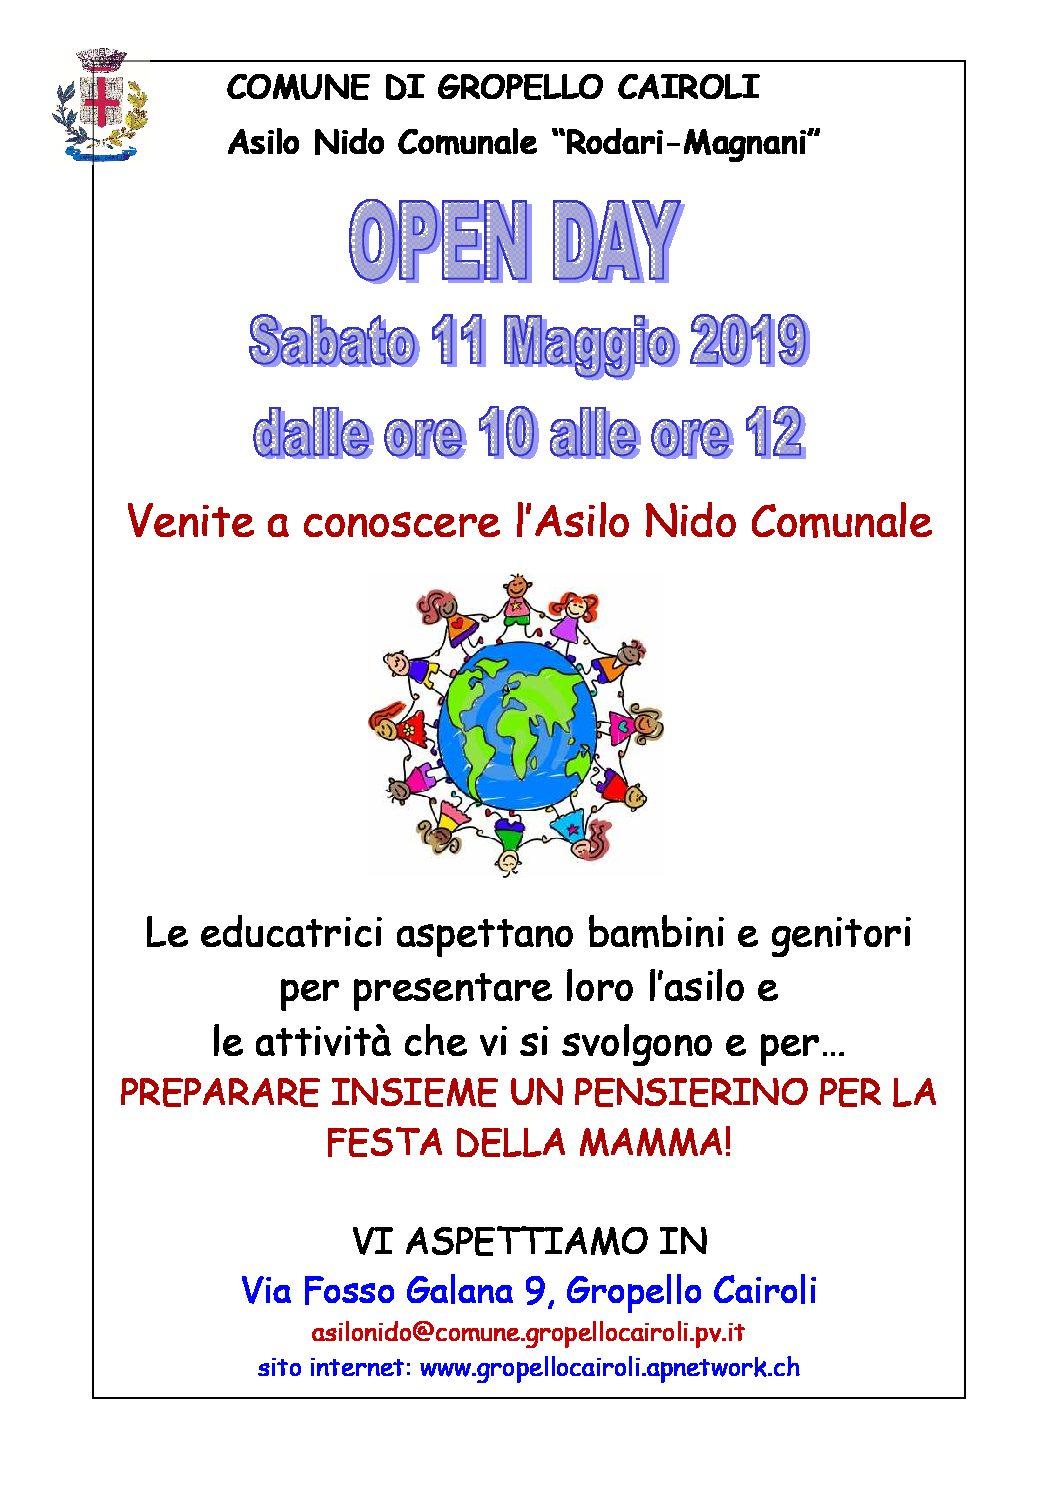 Sabato 11 maggio 2019 Open Day Asilo Nido dalle 10 alle 12